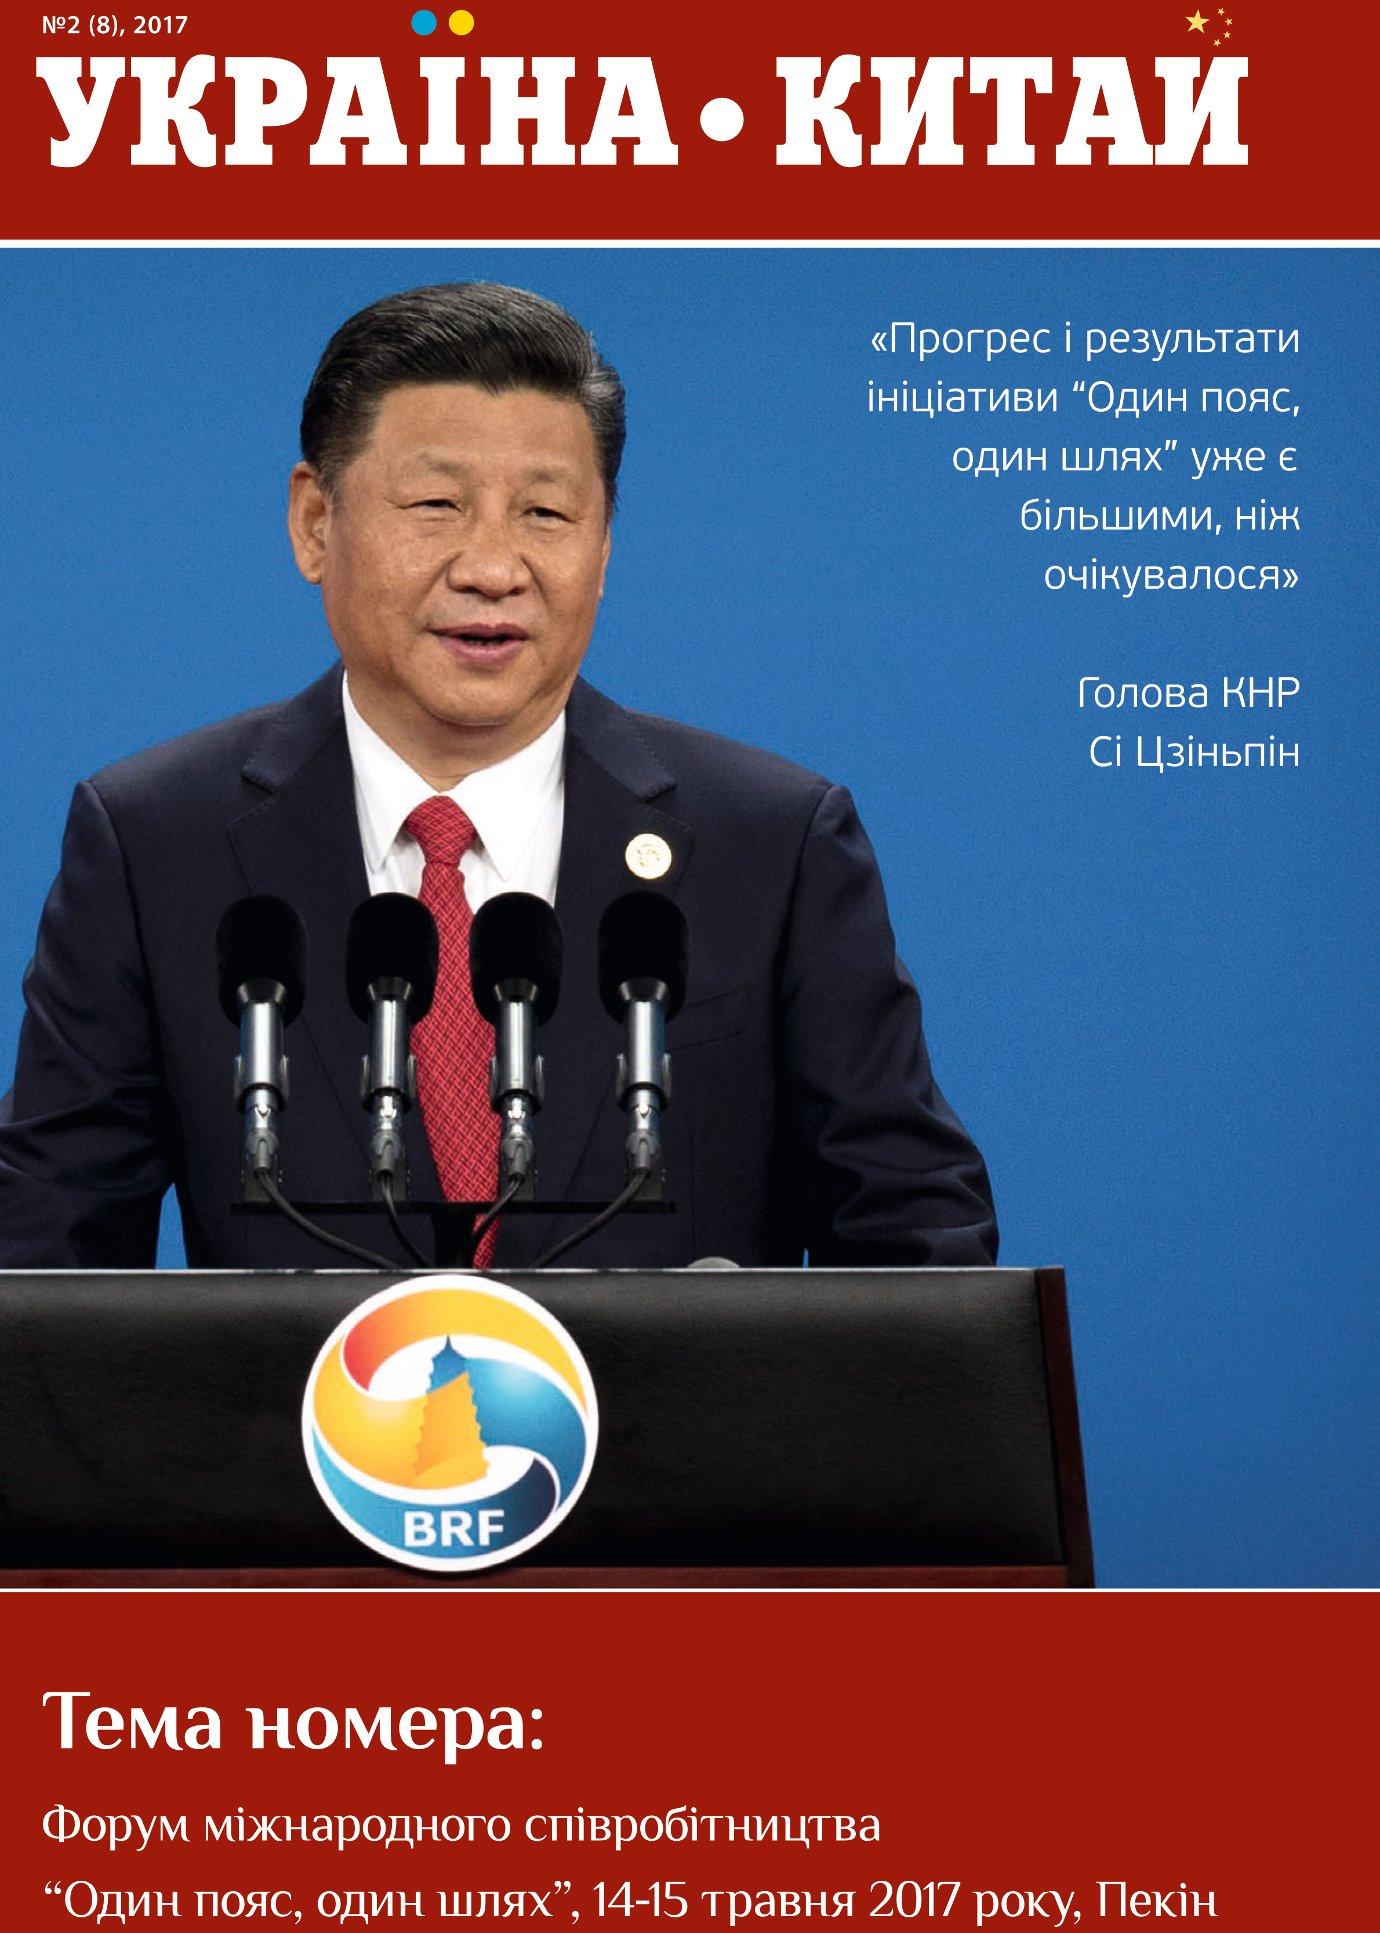 Ukraine-China 2017, 2(8)